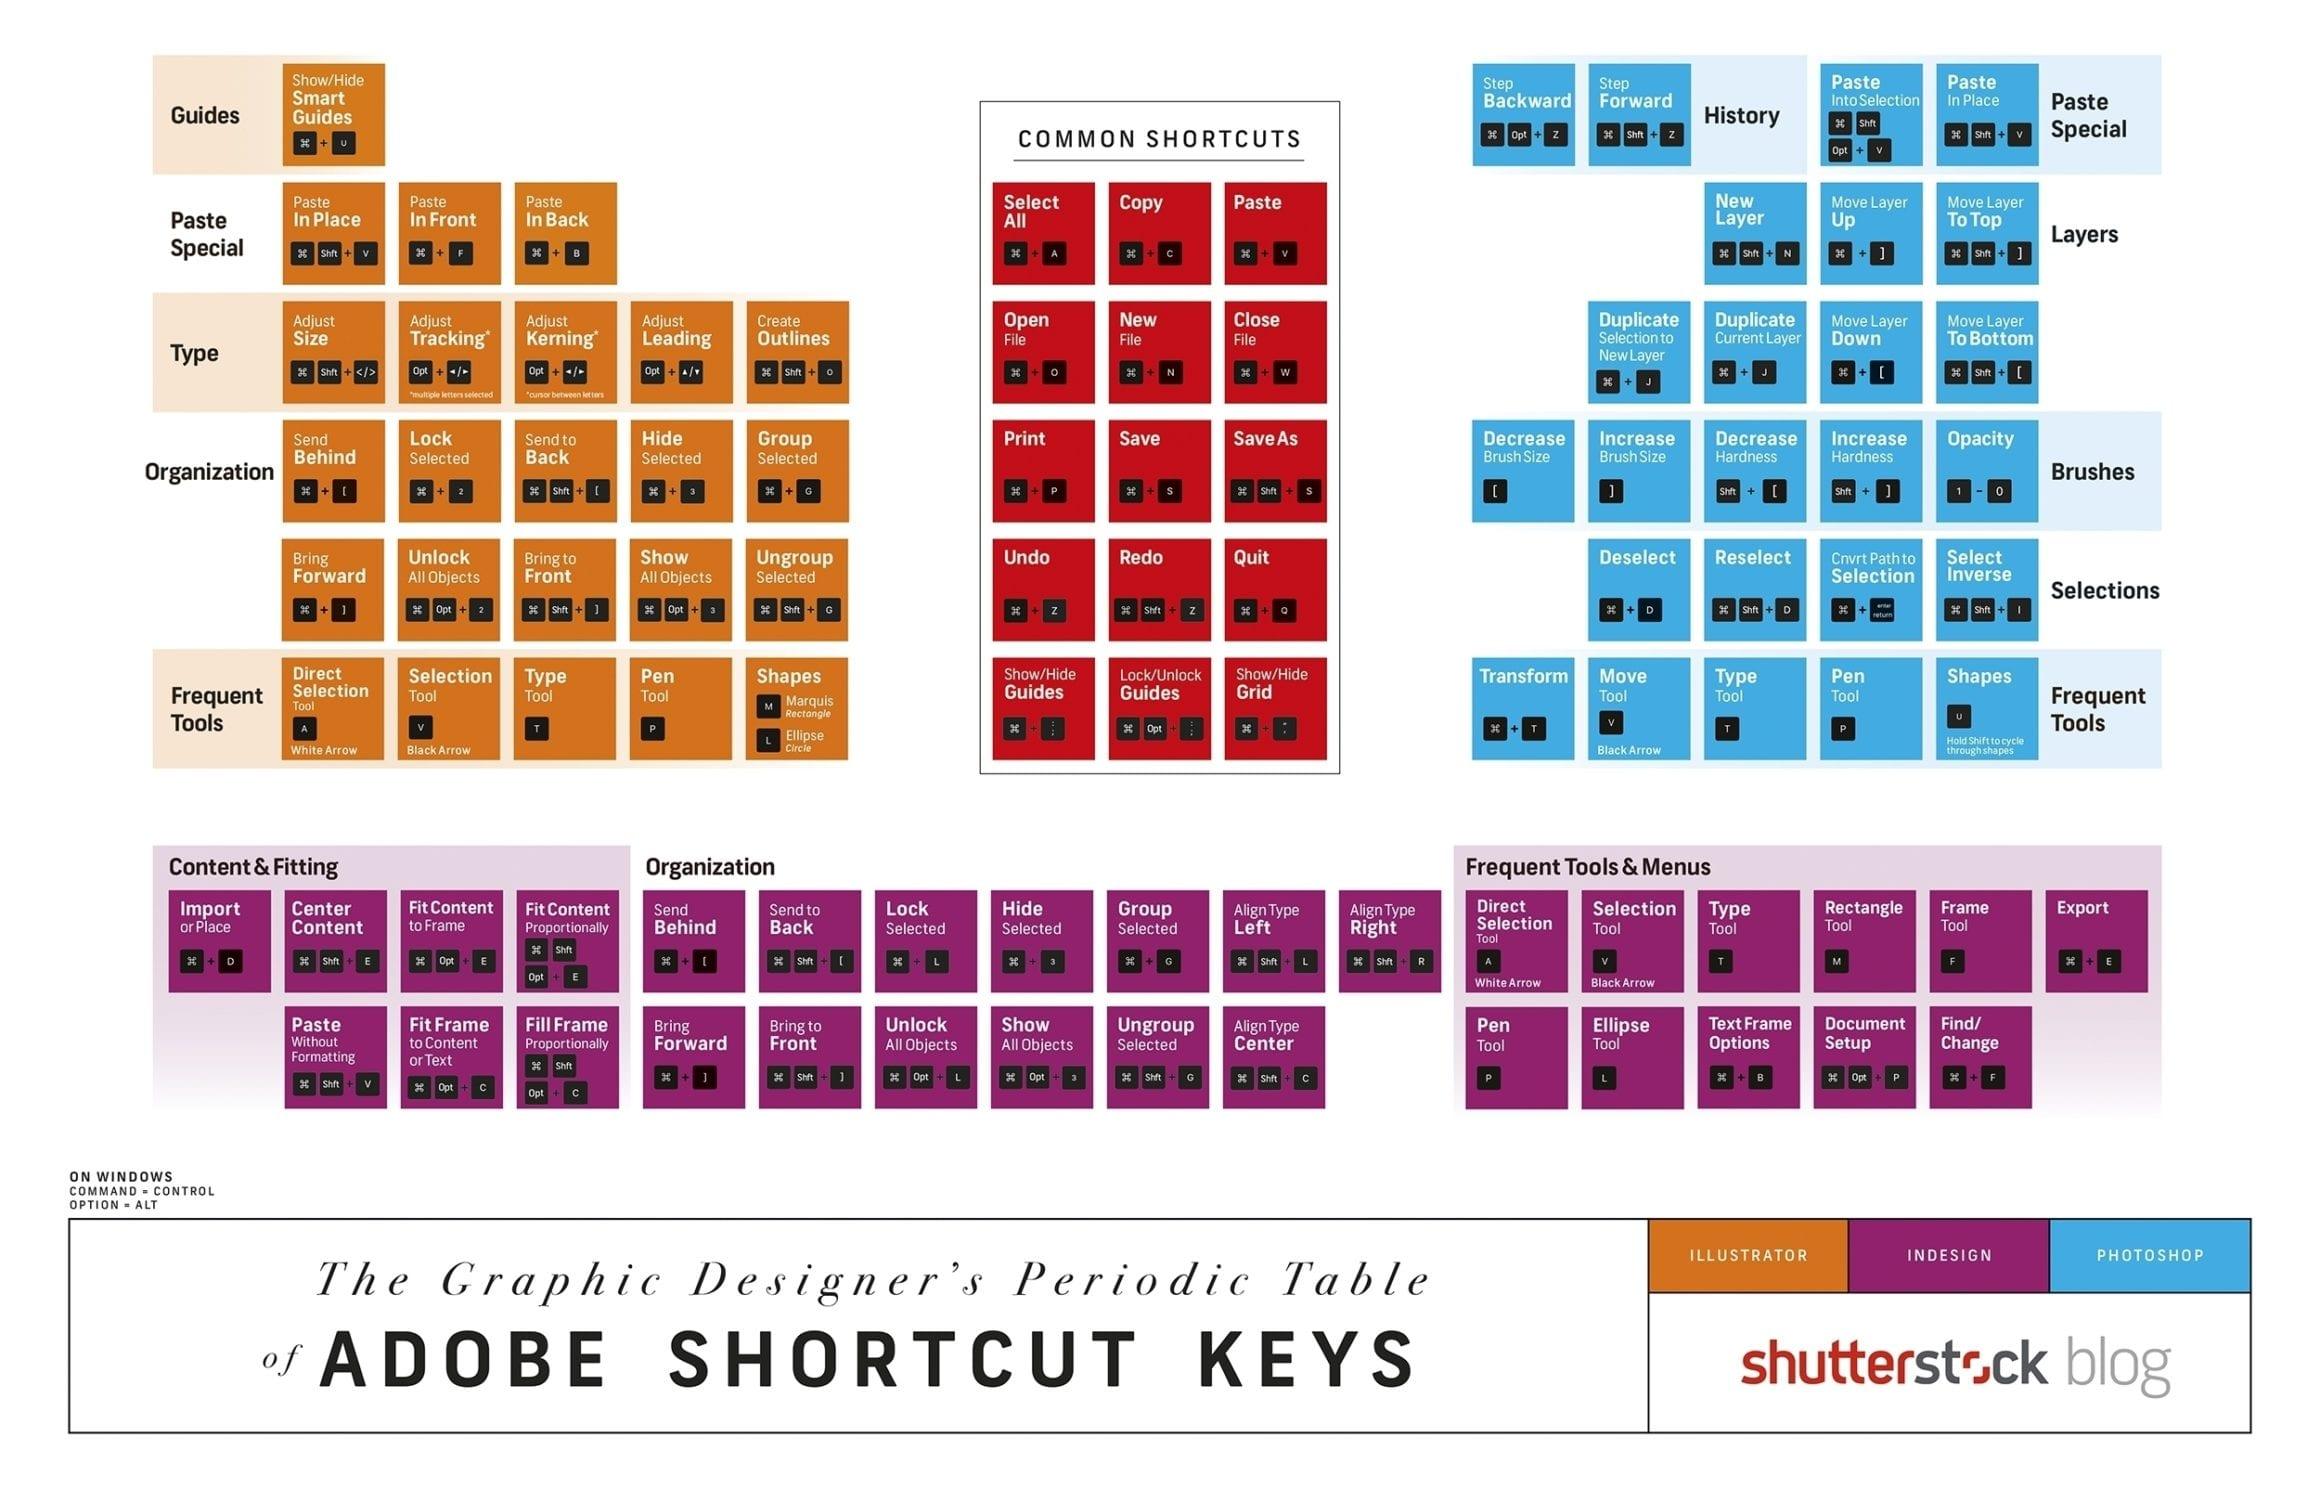 Shutterstock Blog Adobe Design Shortcuts 1 - Seznam hlavních zkratek pro Adobe Photoshop, Illustrator a InDesign